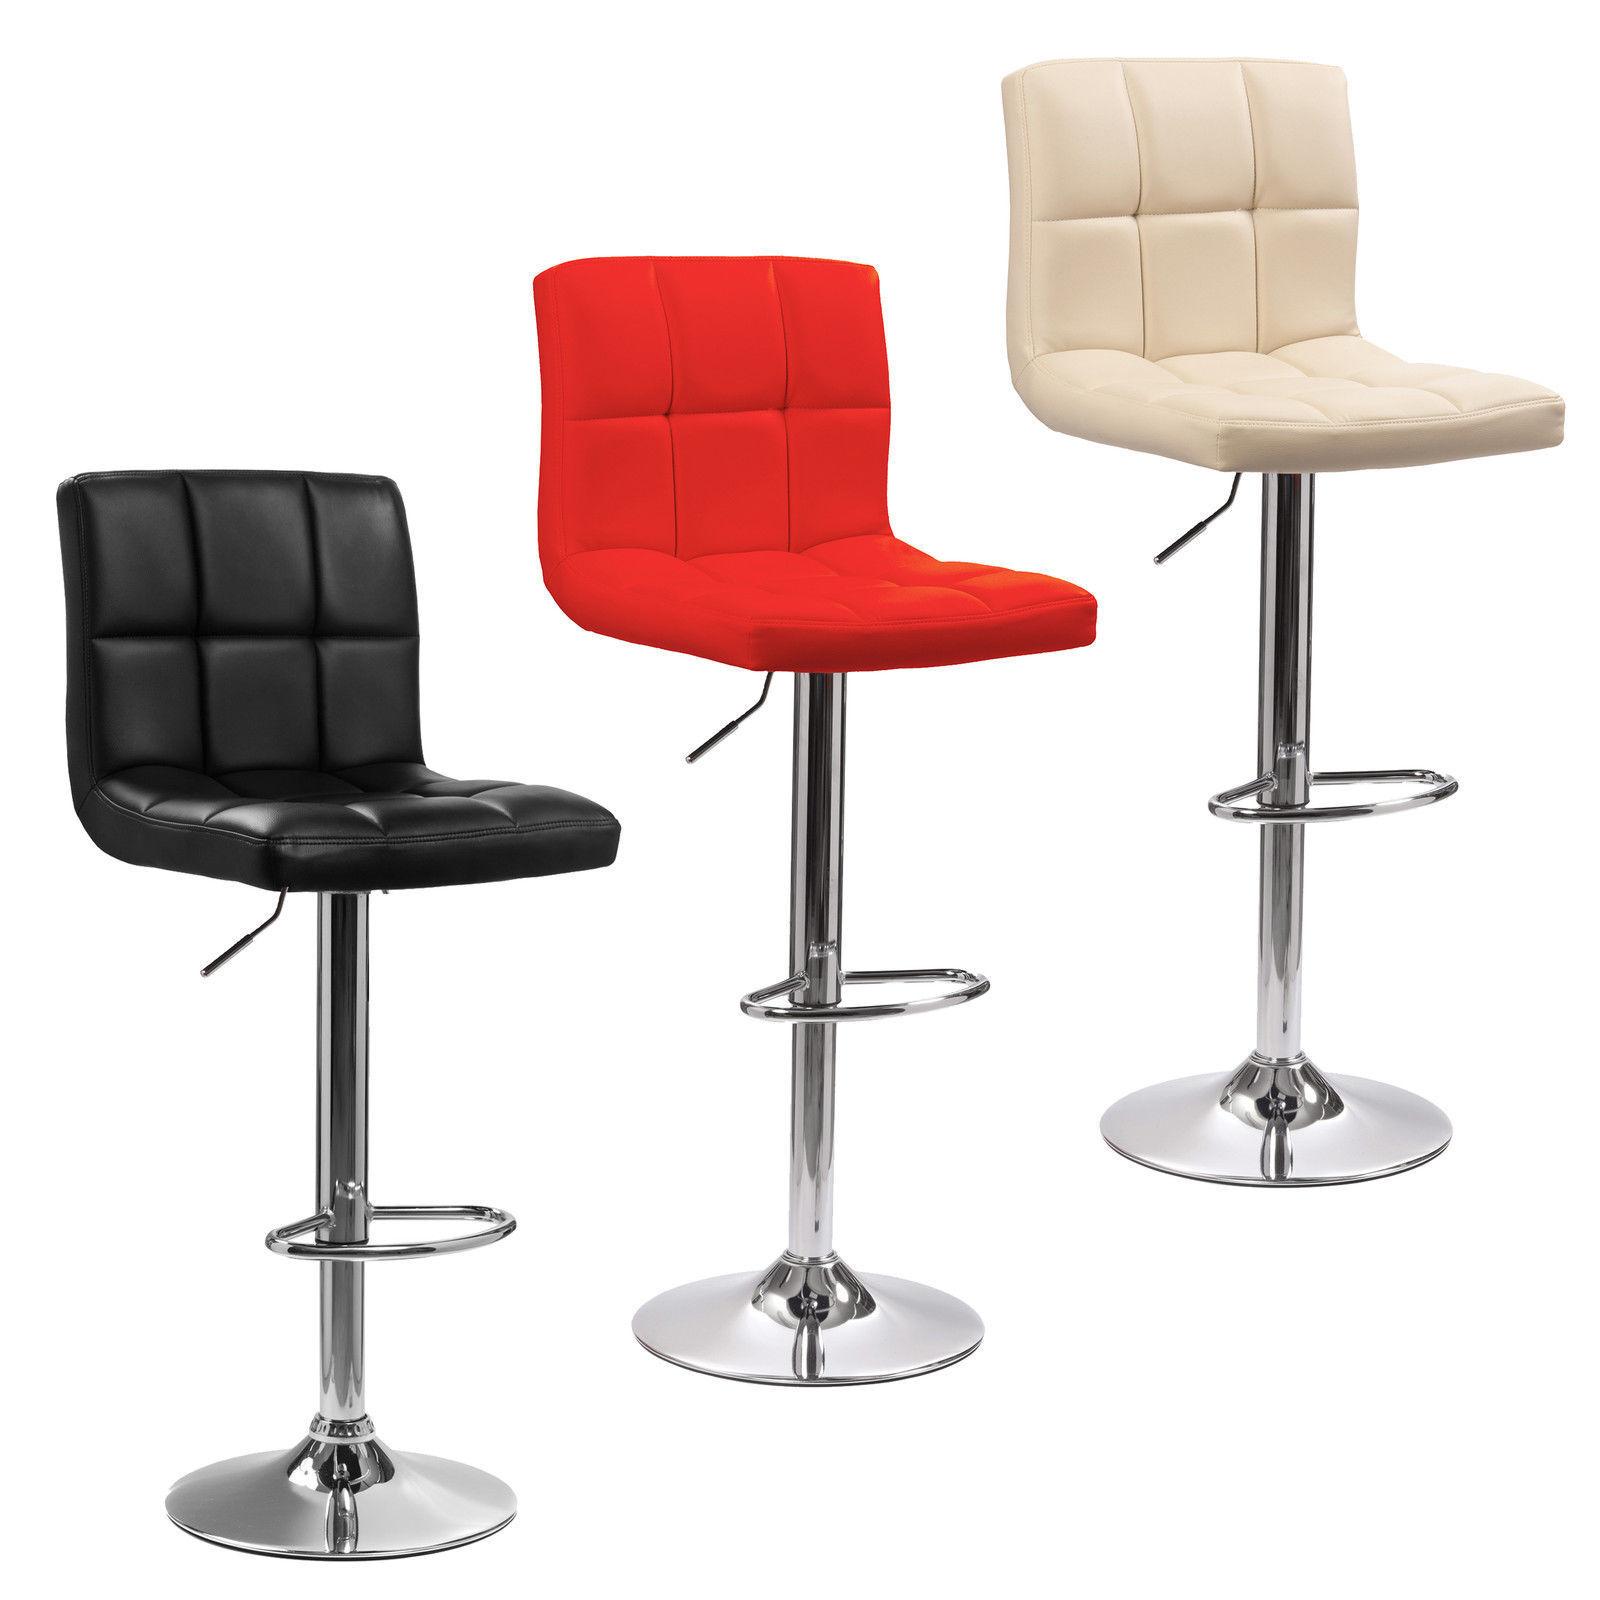 2 x Faux Leather sgabello bar colazione cucina PU Cromato Nero, Rosso, Crema NUOVO